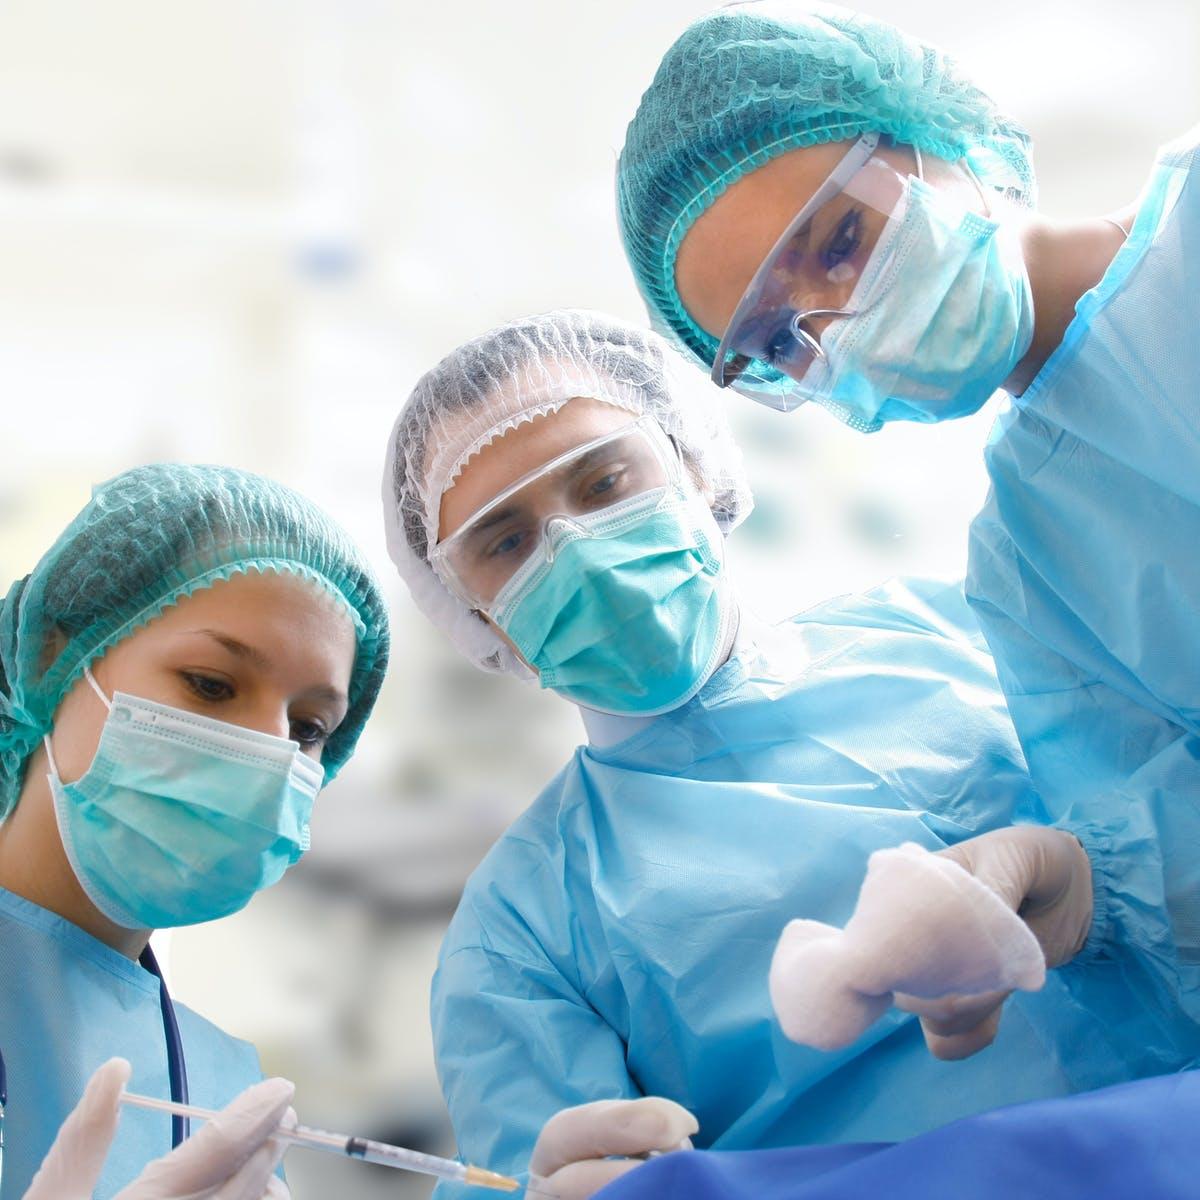 آیا انجام عمل اسلیو معده می تواند بر درمان مشکلات ناشی از آسم موثر واقع شود؟